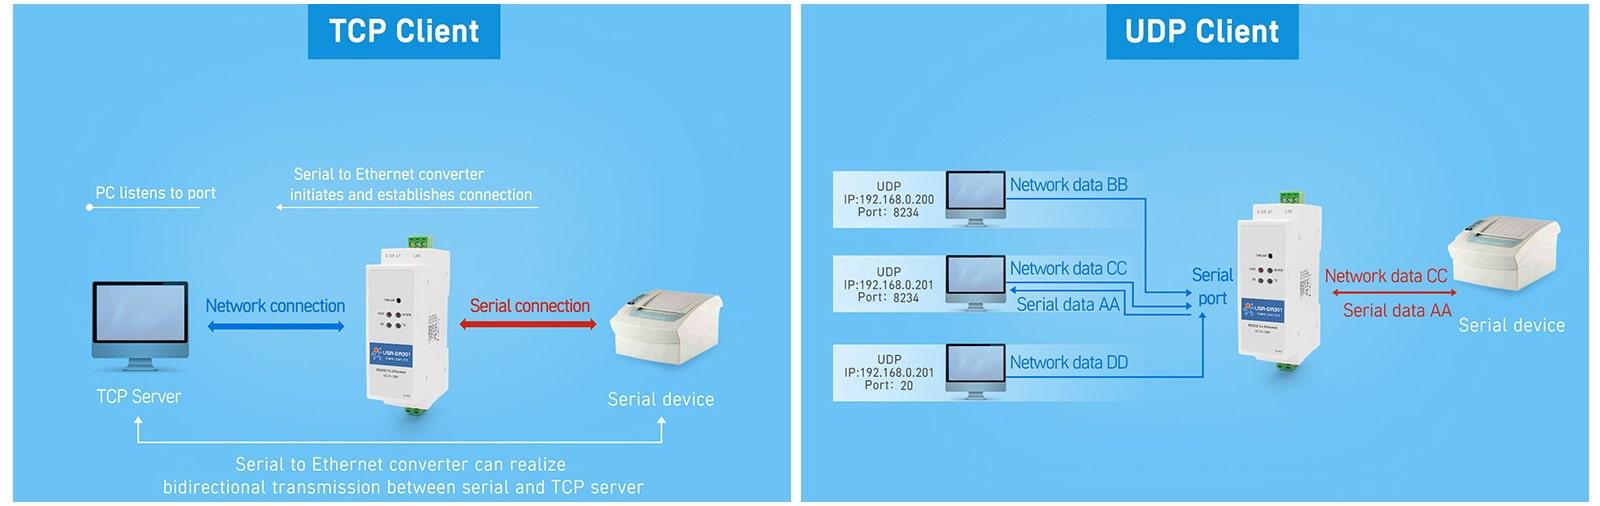 تبدیل شبکه به سریال 485 TCP UDP